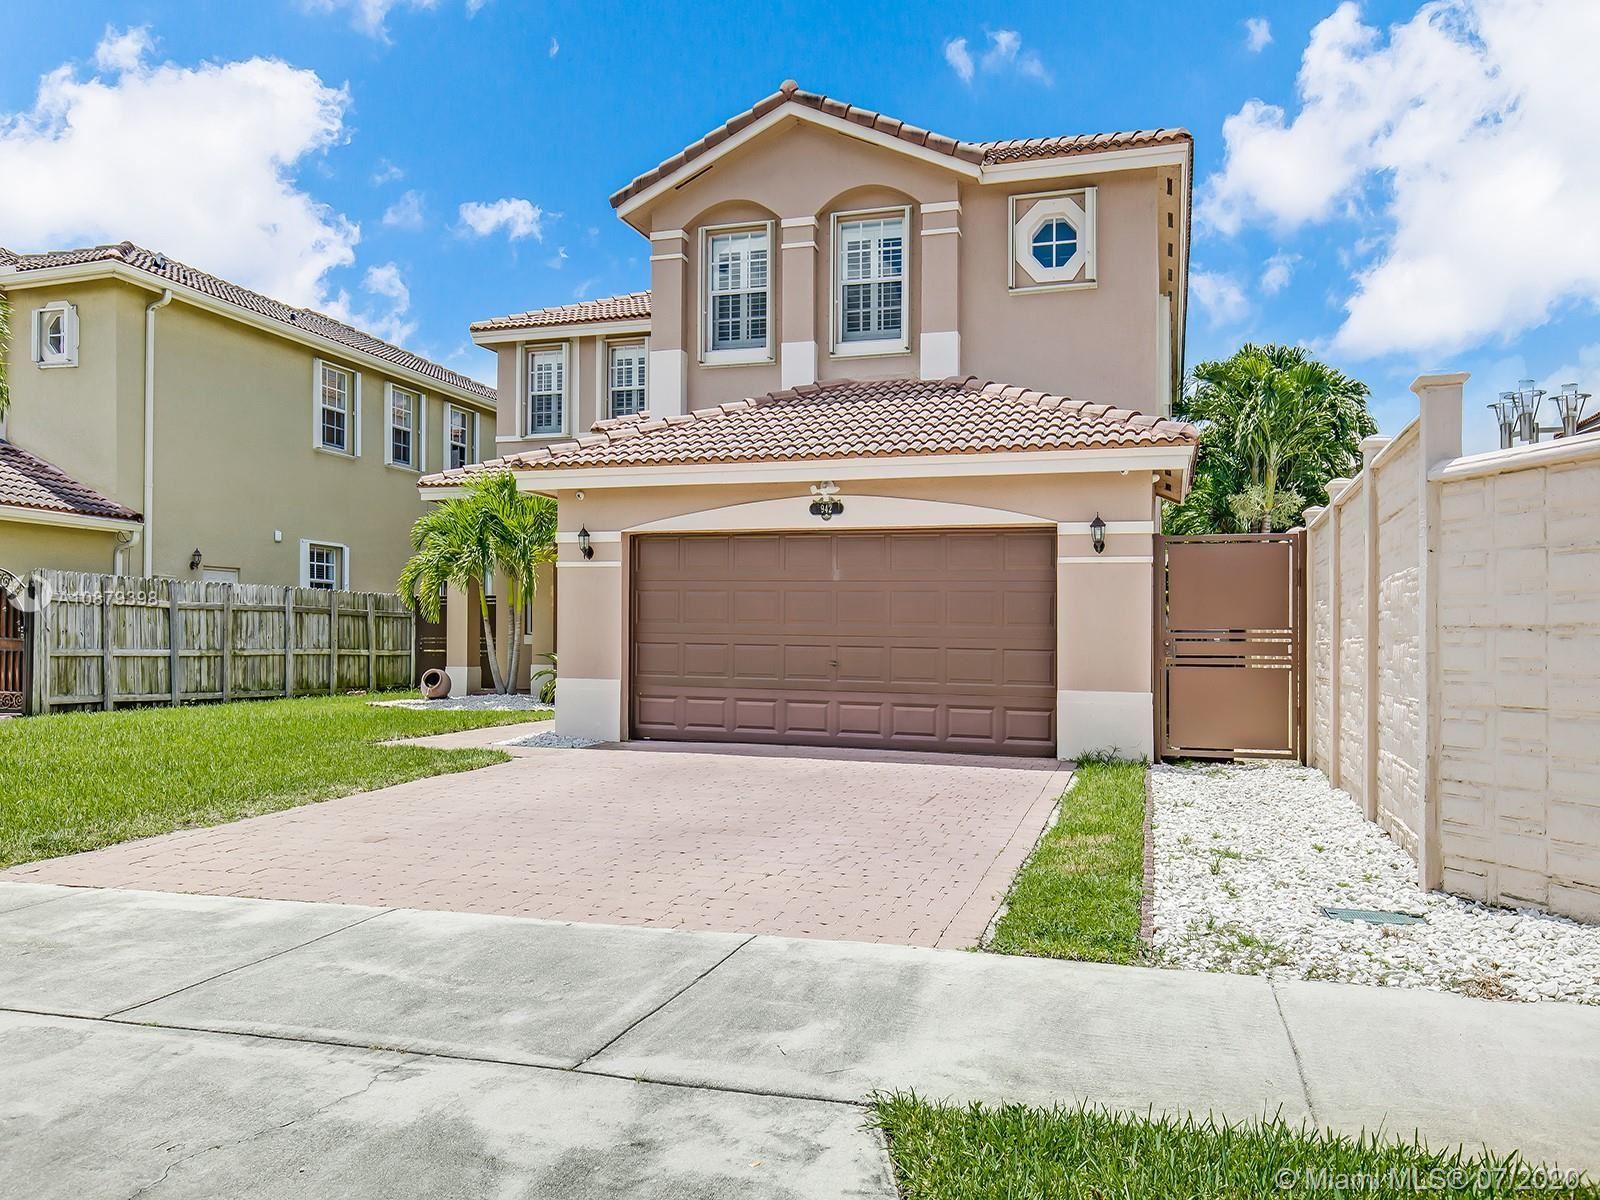 942 SW 144th Pl, Miami, FL 33184 - #: A10879398